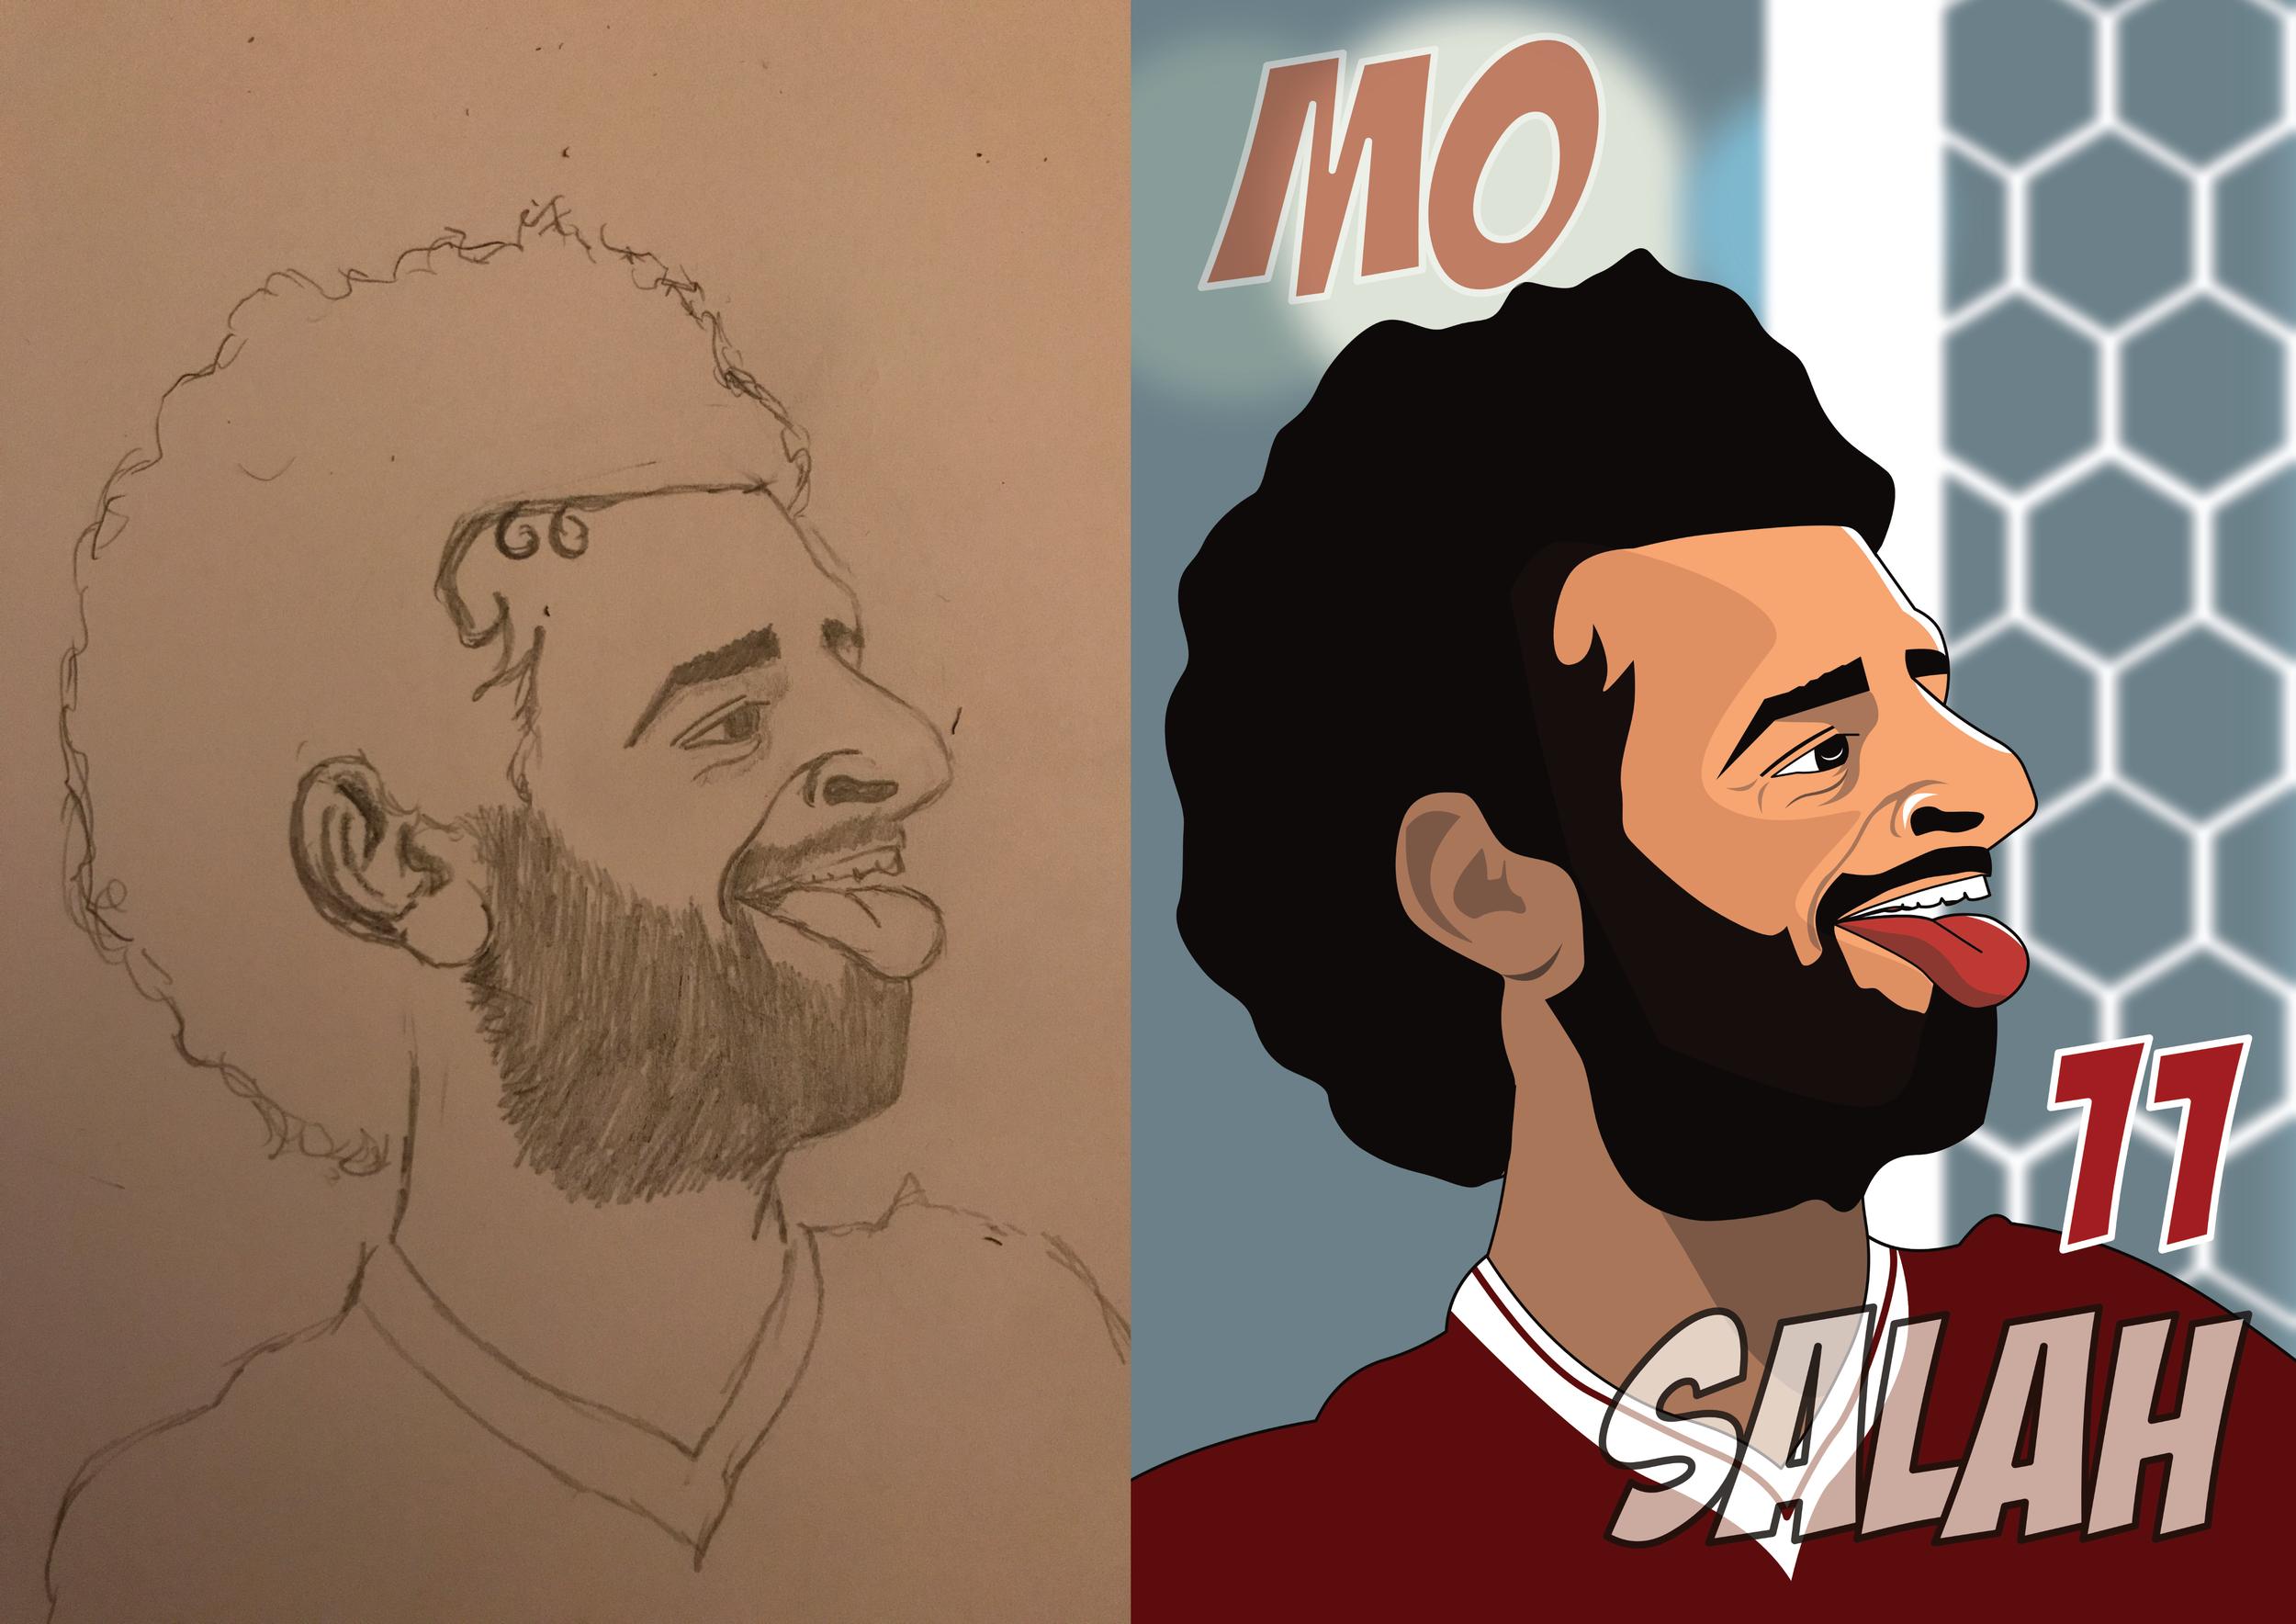 Mo salah - Pencil to Print